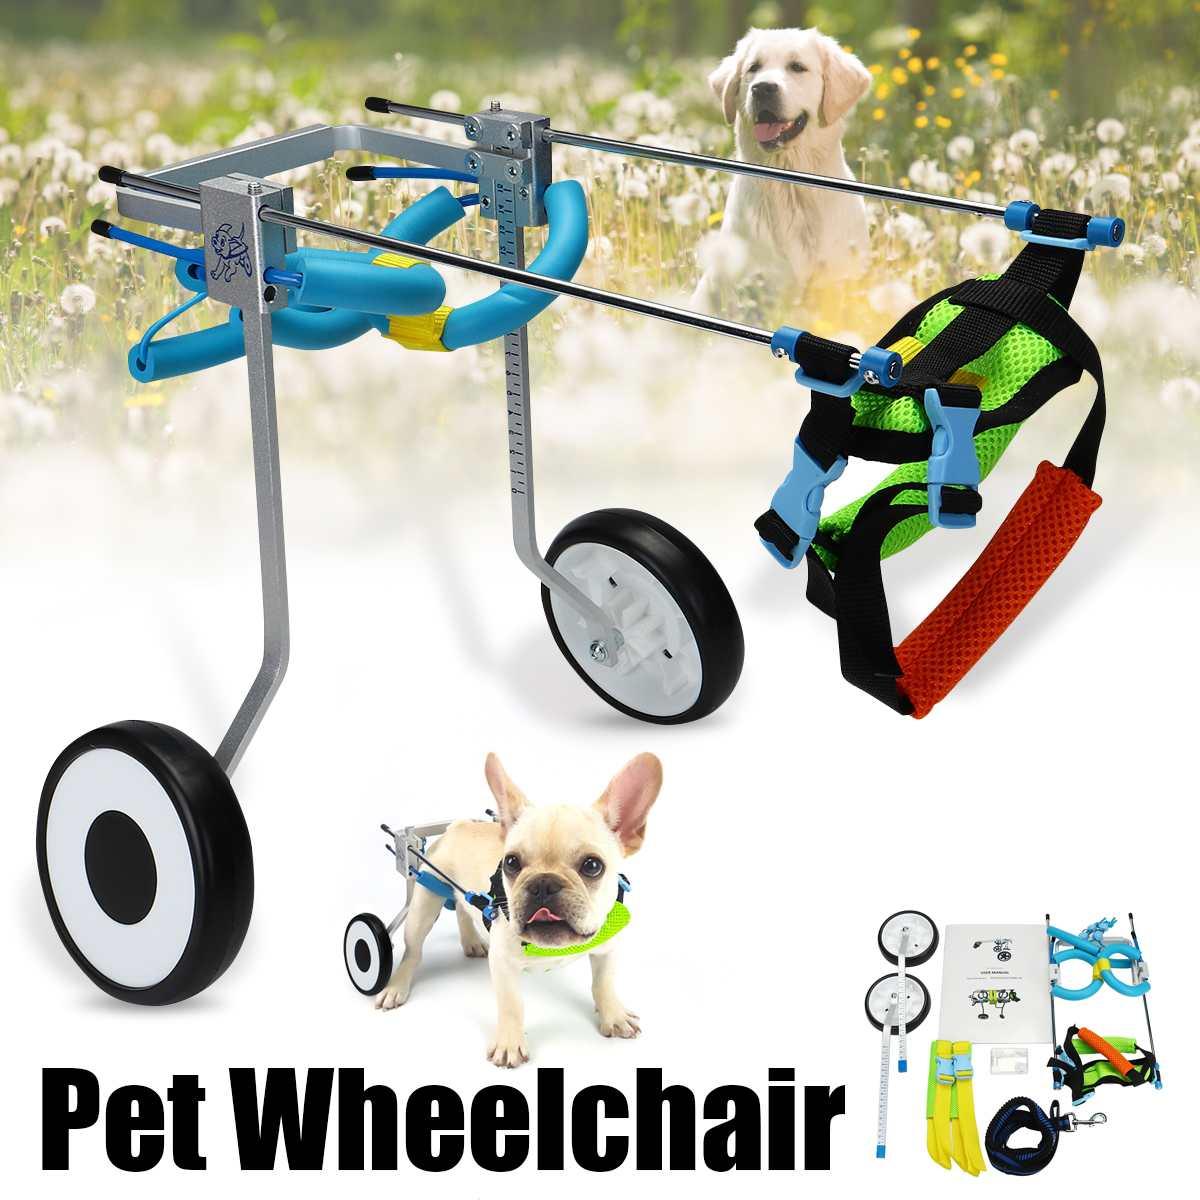 2 roue 5 Chien Chat En Fauteuil Roulant En Aluminium Marcher Panier Scooter Pour Handicapés Patte arrière XS Modèle Pet Poids 3-15 kg peut Ajusté